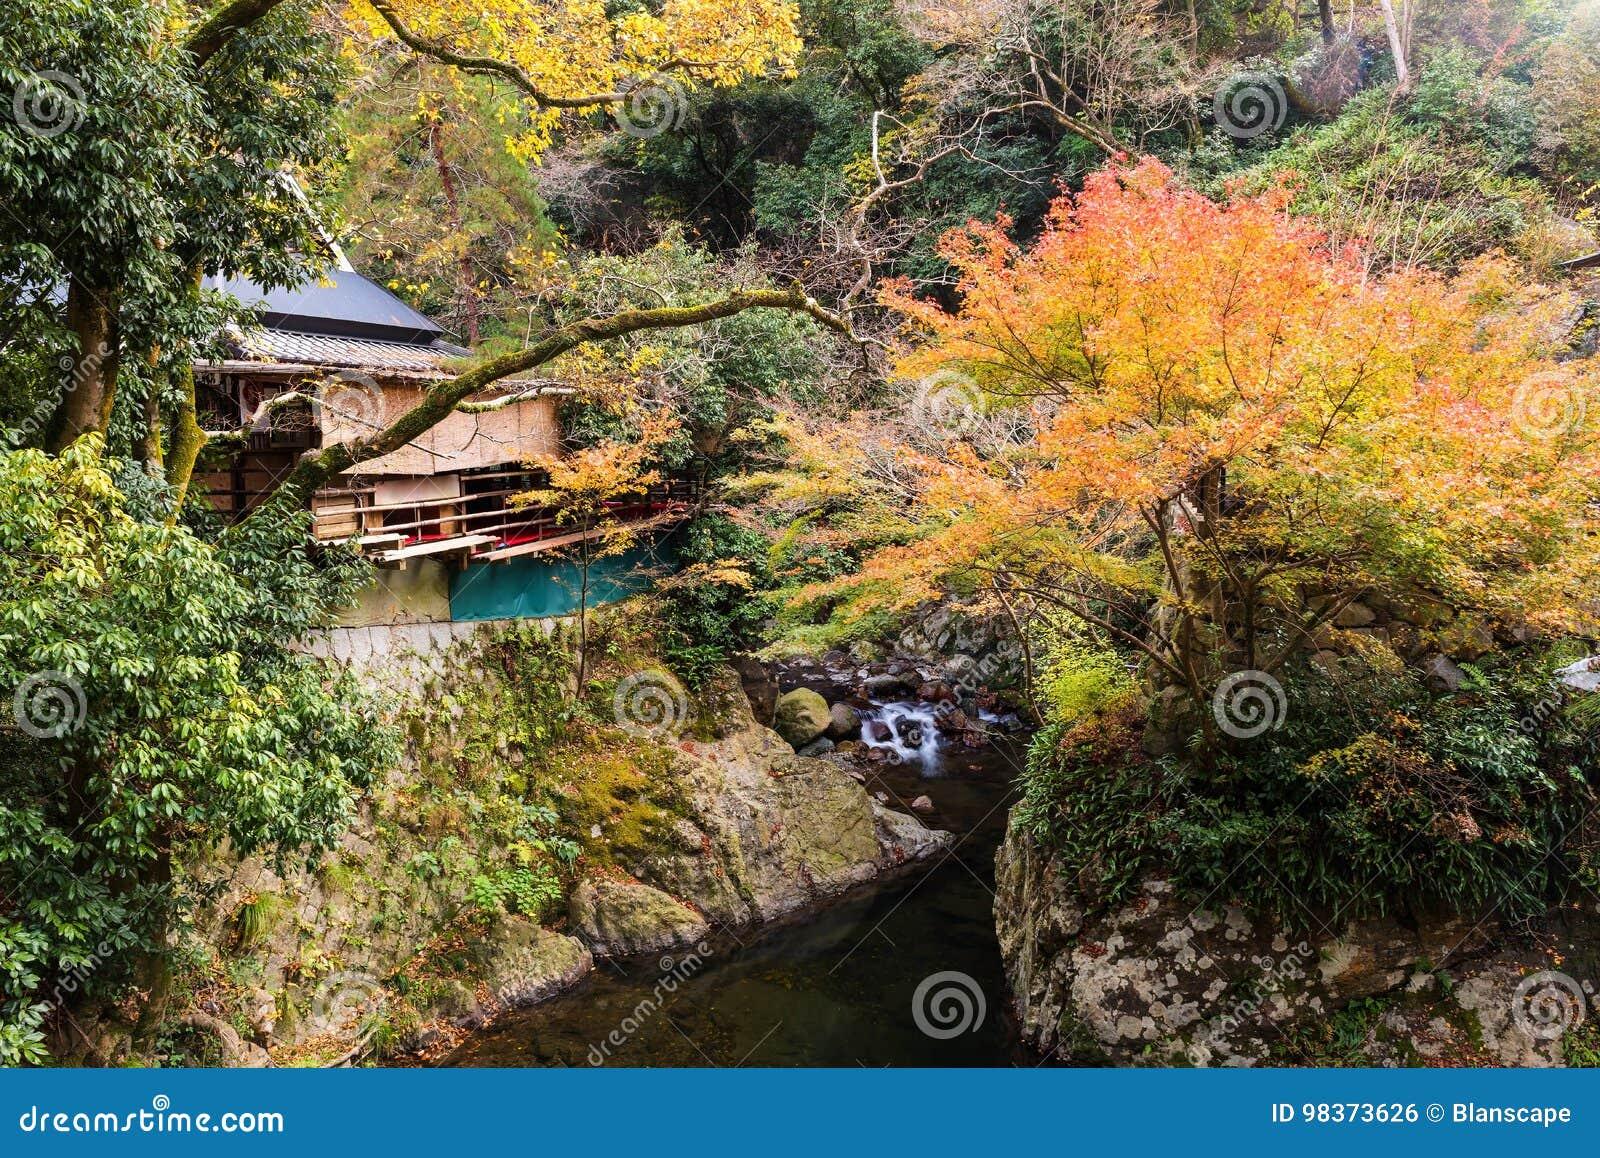 House Near Canal At Autumn, Osaka Stock Photo - Image of japanese ...